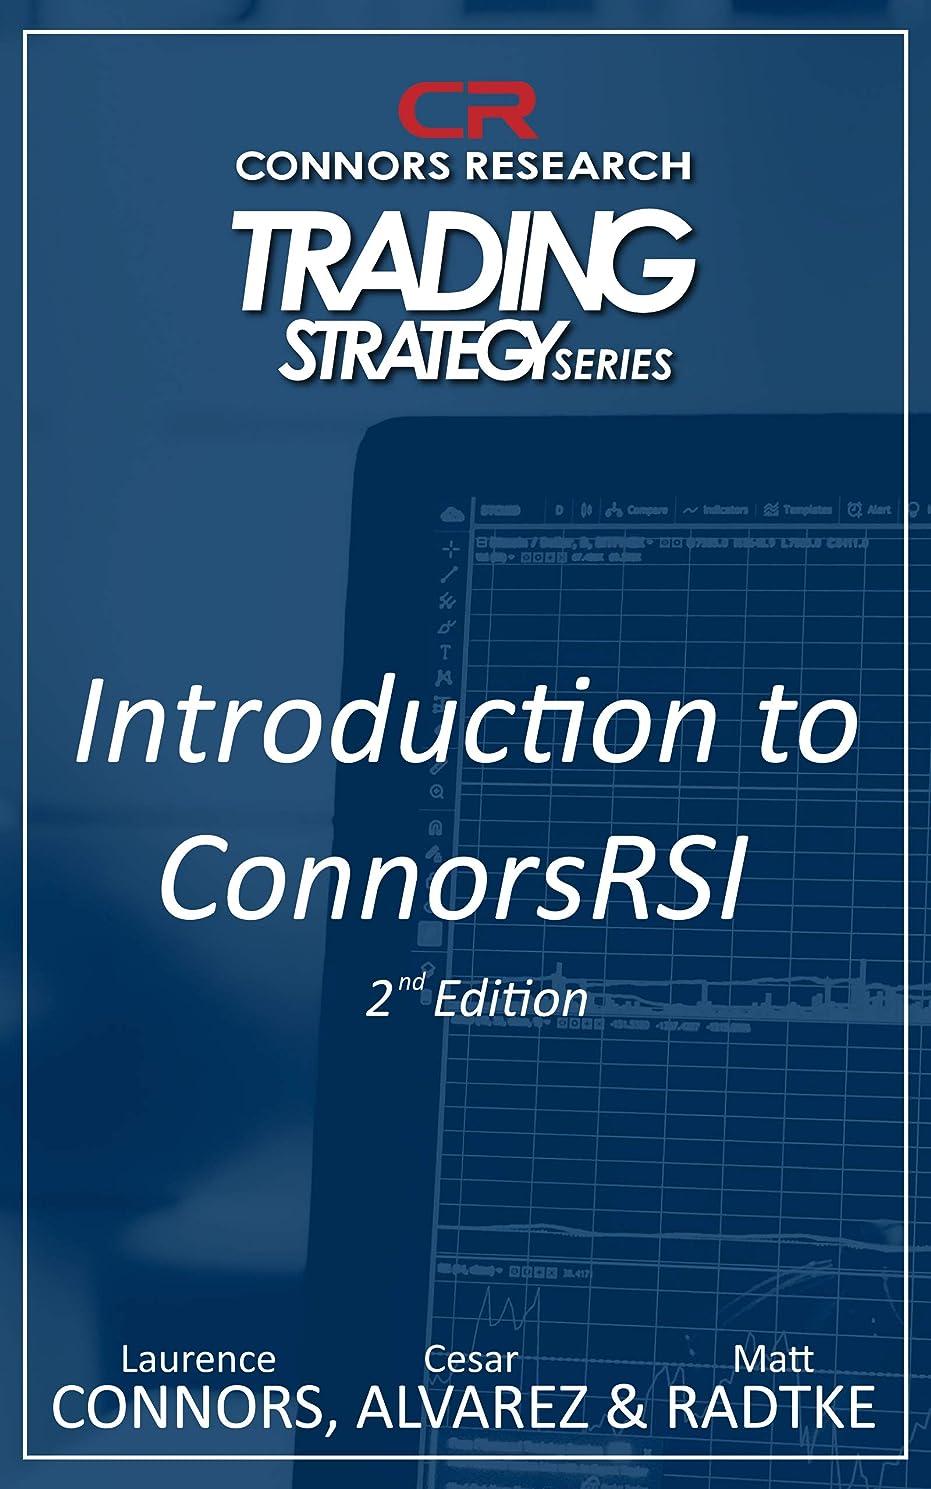 苦バイオリン屋内An Introduction to ConnorsRSI 2nd Edition (Connors Research Trading Strategy Series) (English Edition)